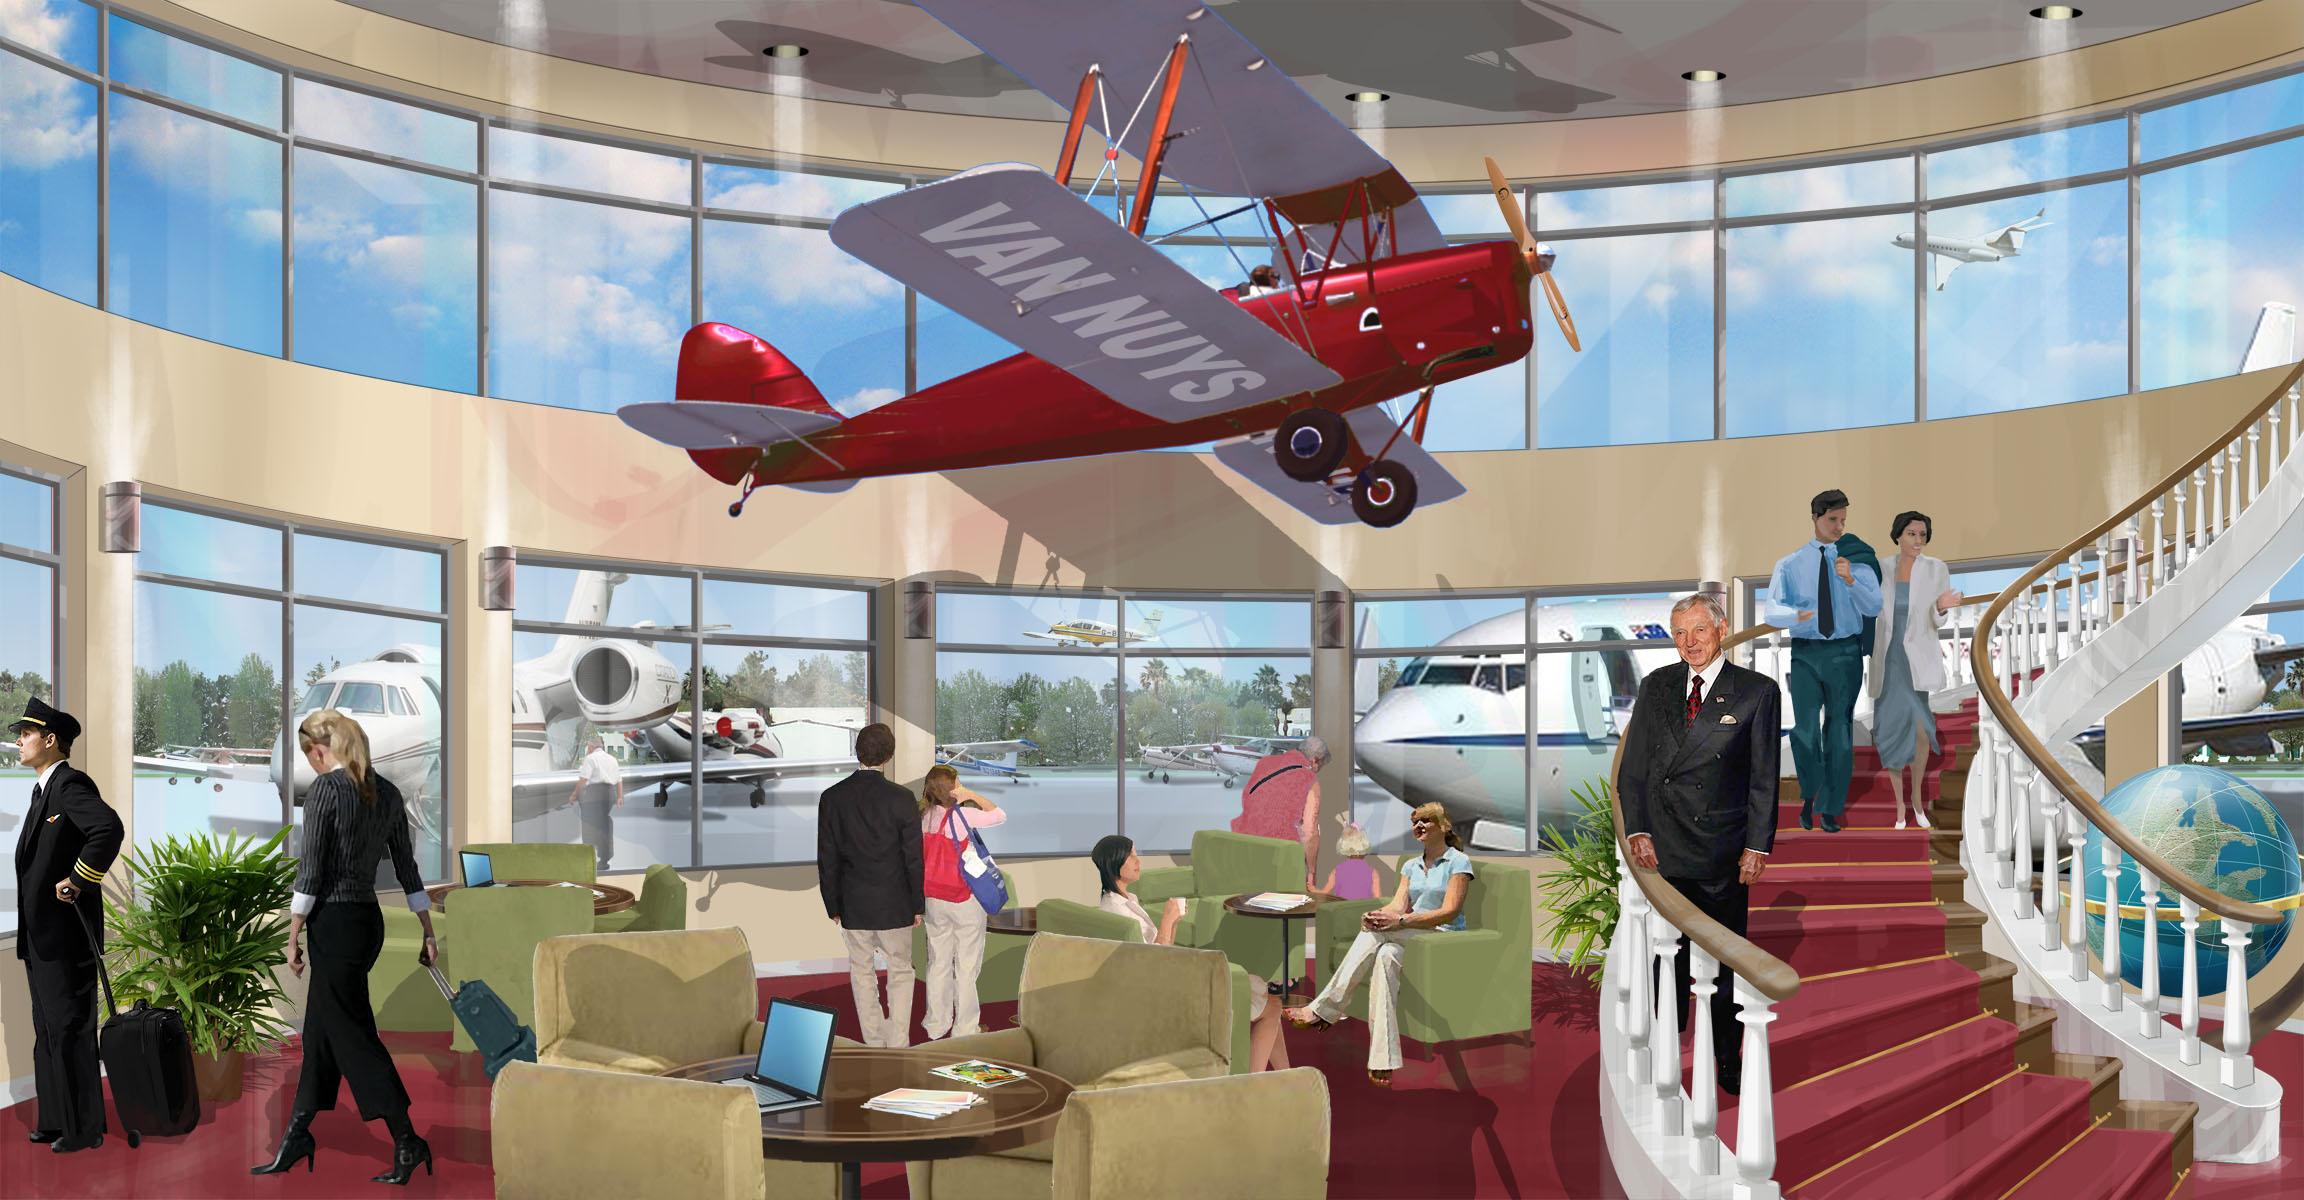 Van Nuys Airport Van Nuys, CA